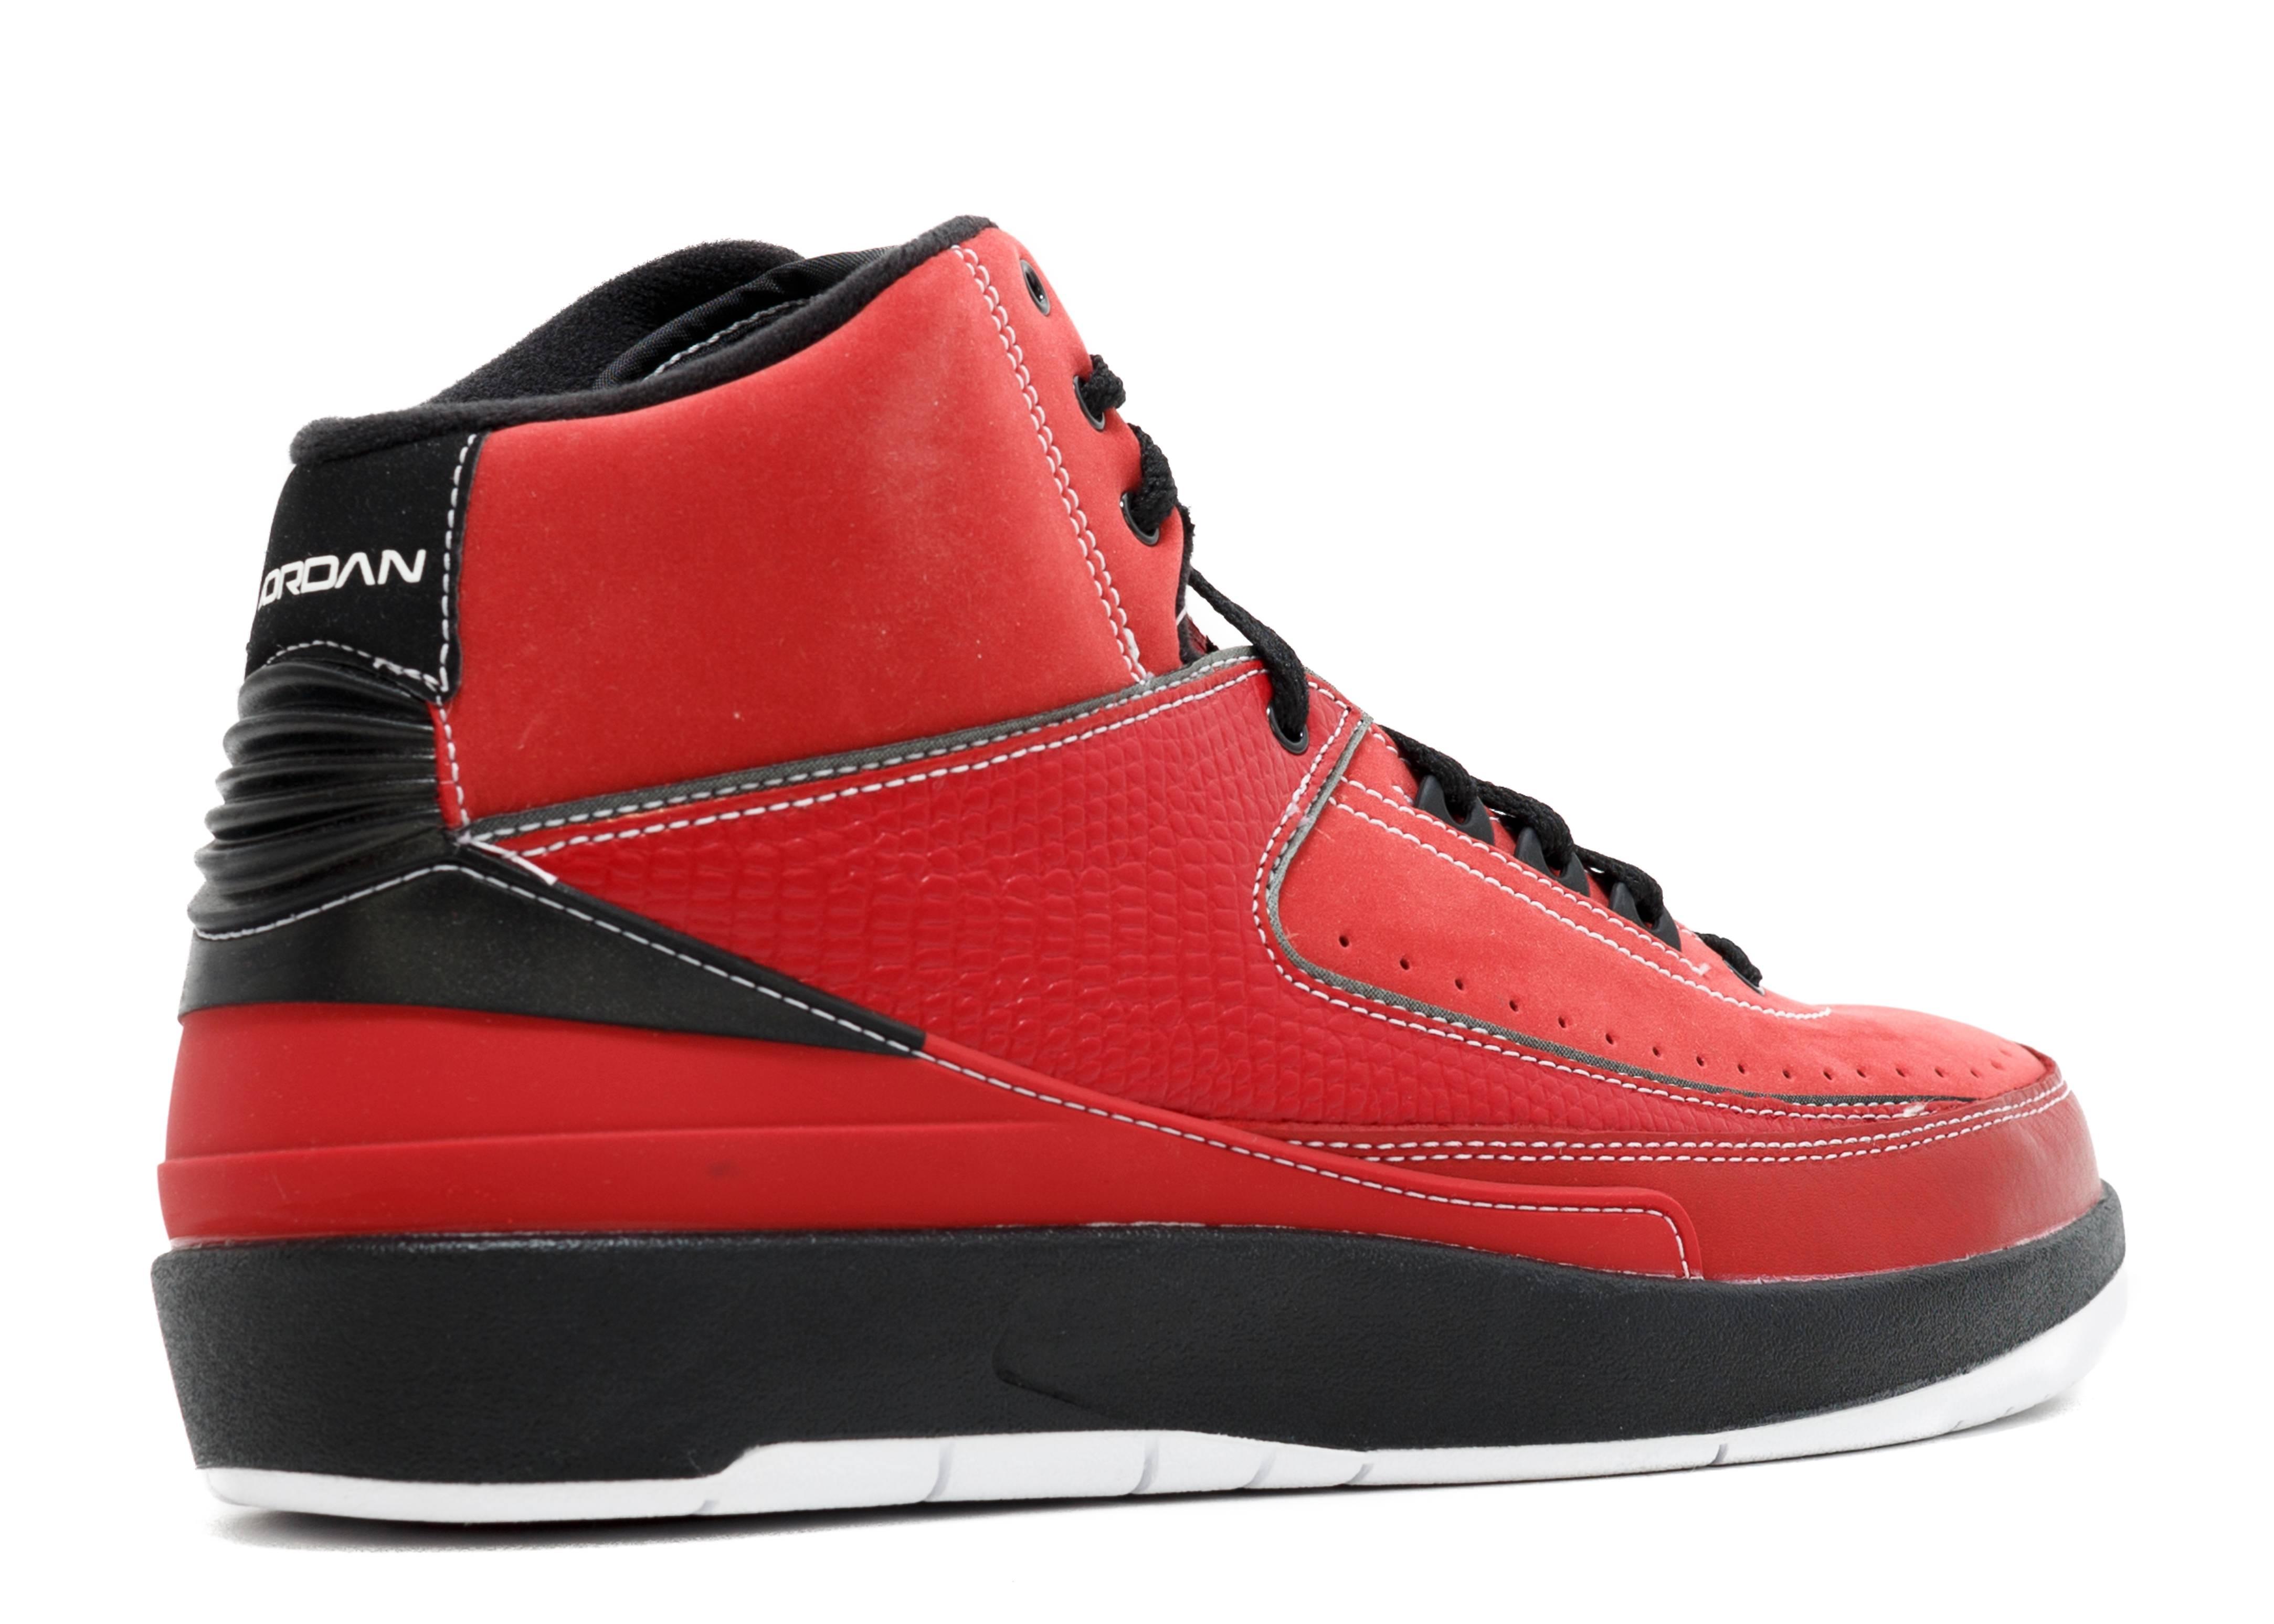 Air Jordan 2 Retro Qf